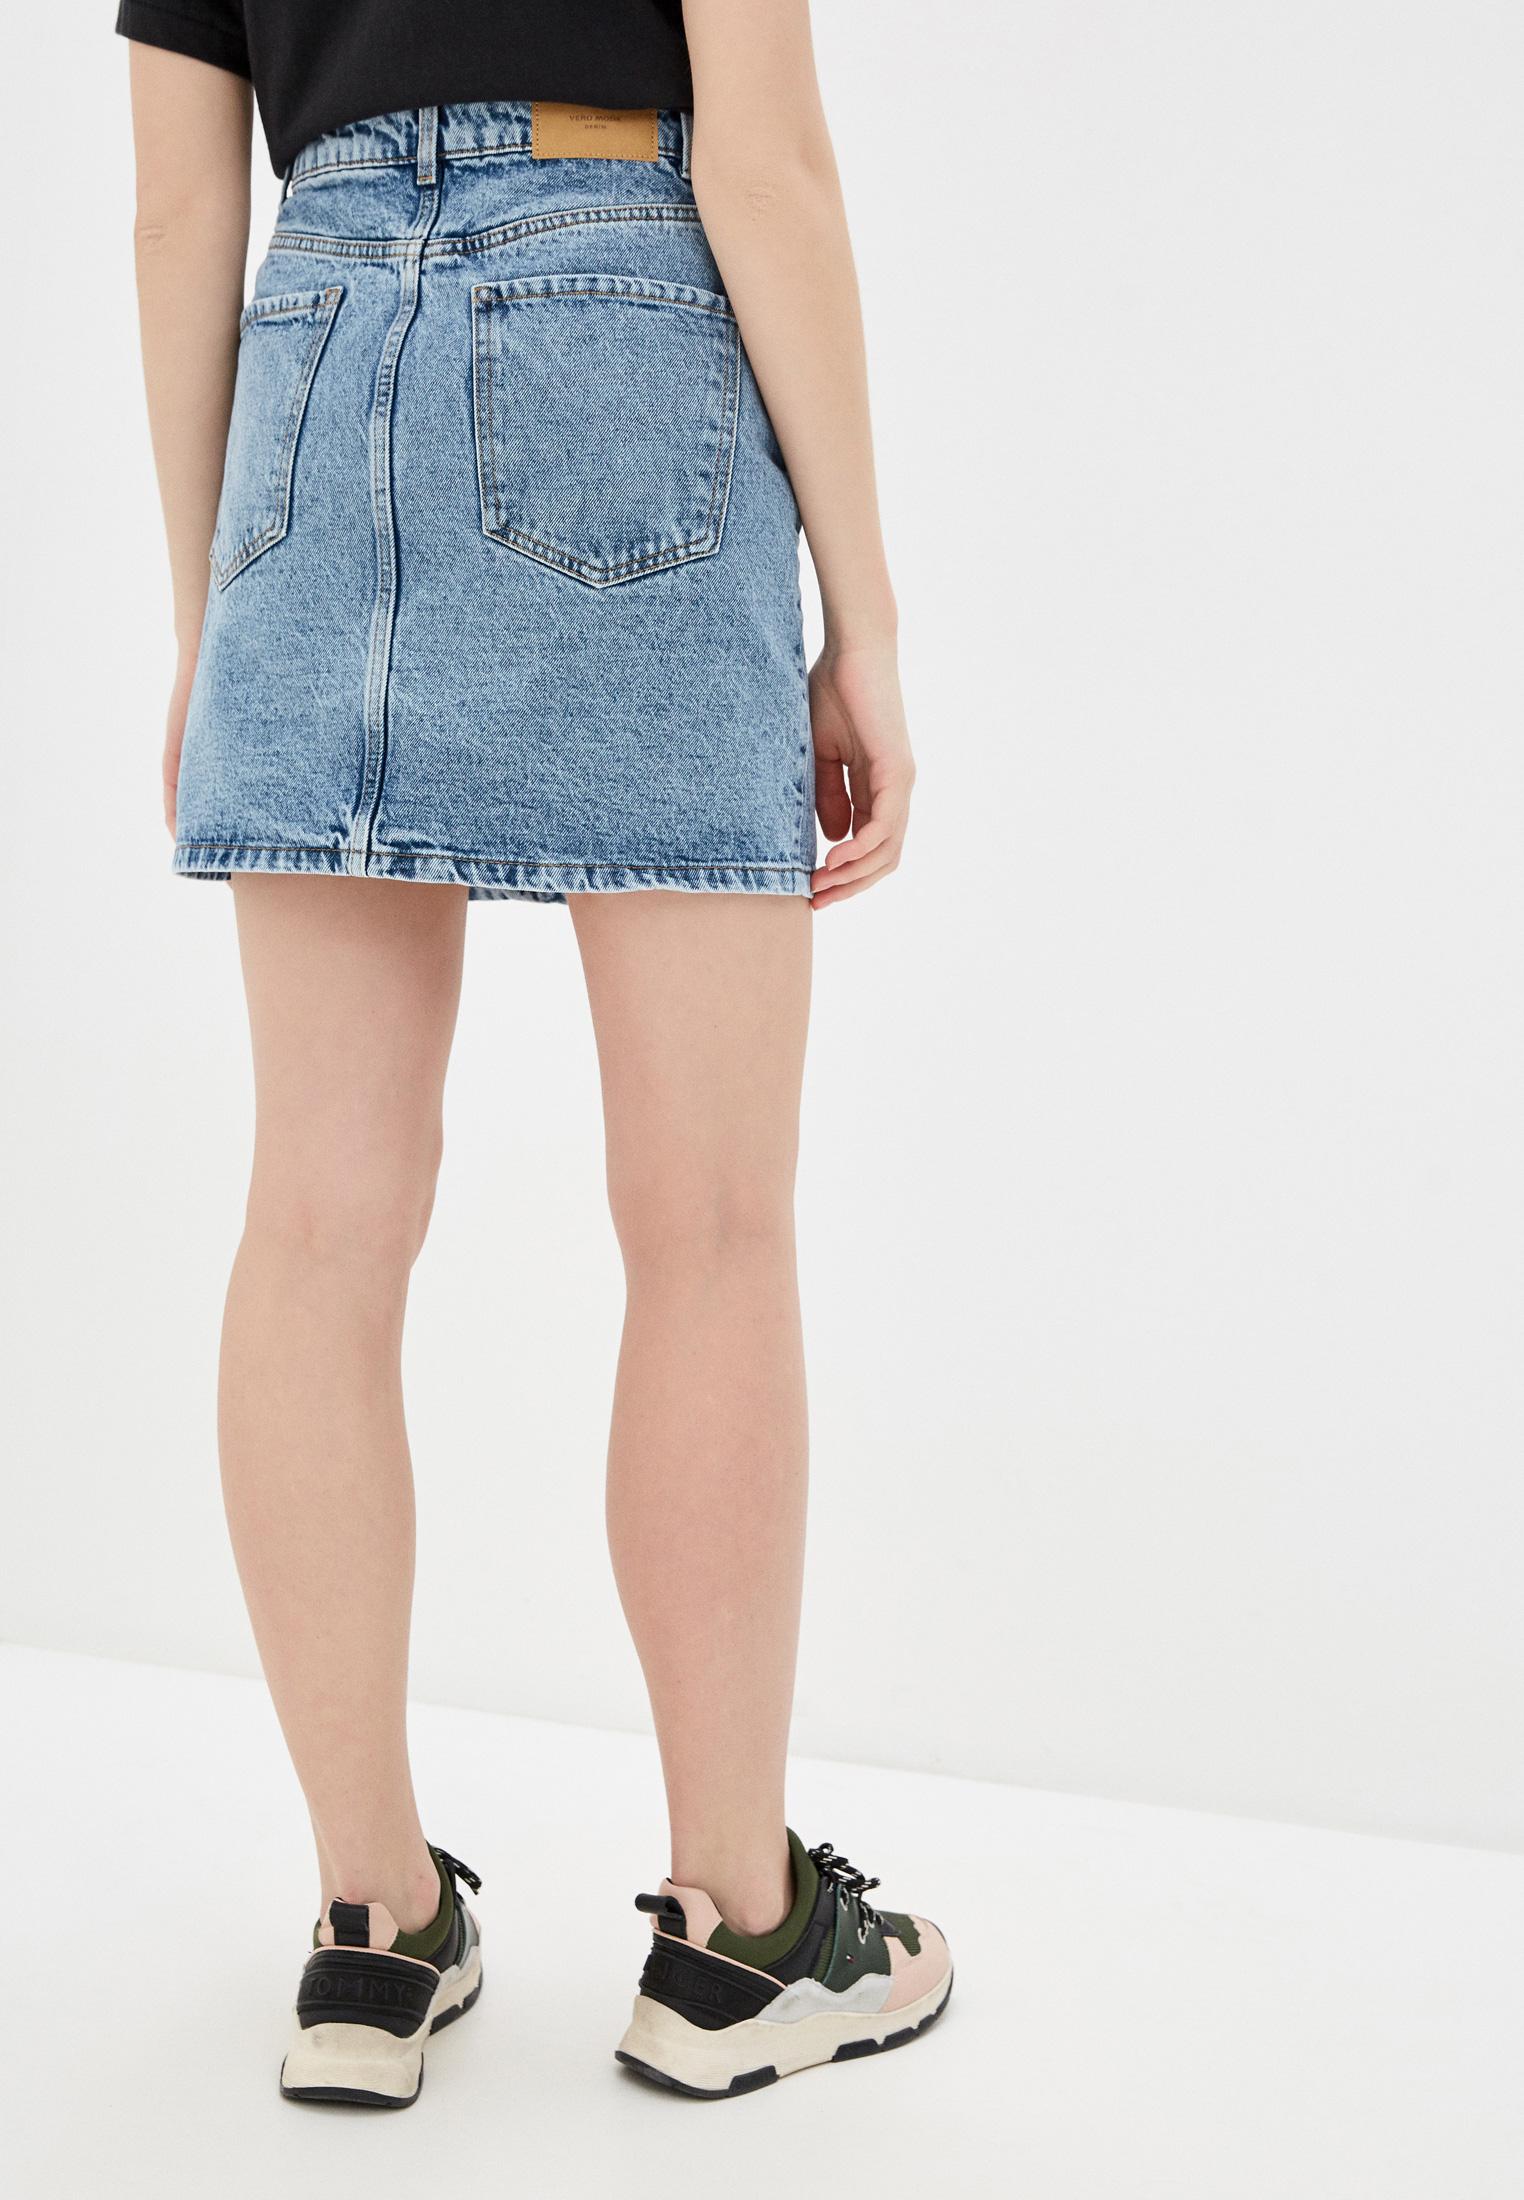 Джинсовая юбка Vero Moda 10226023: изображение 3